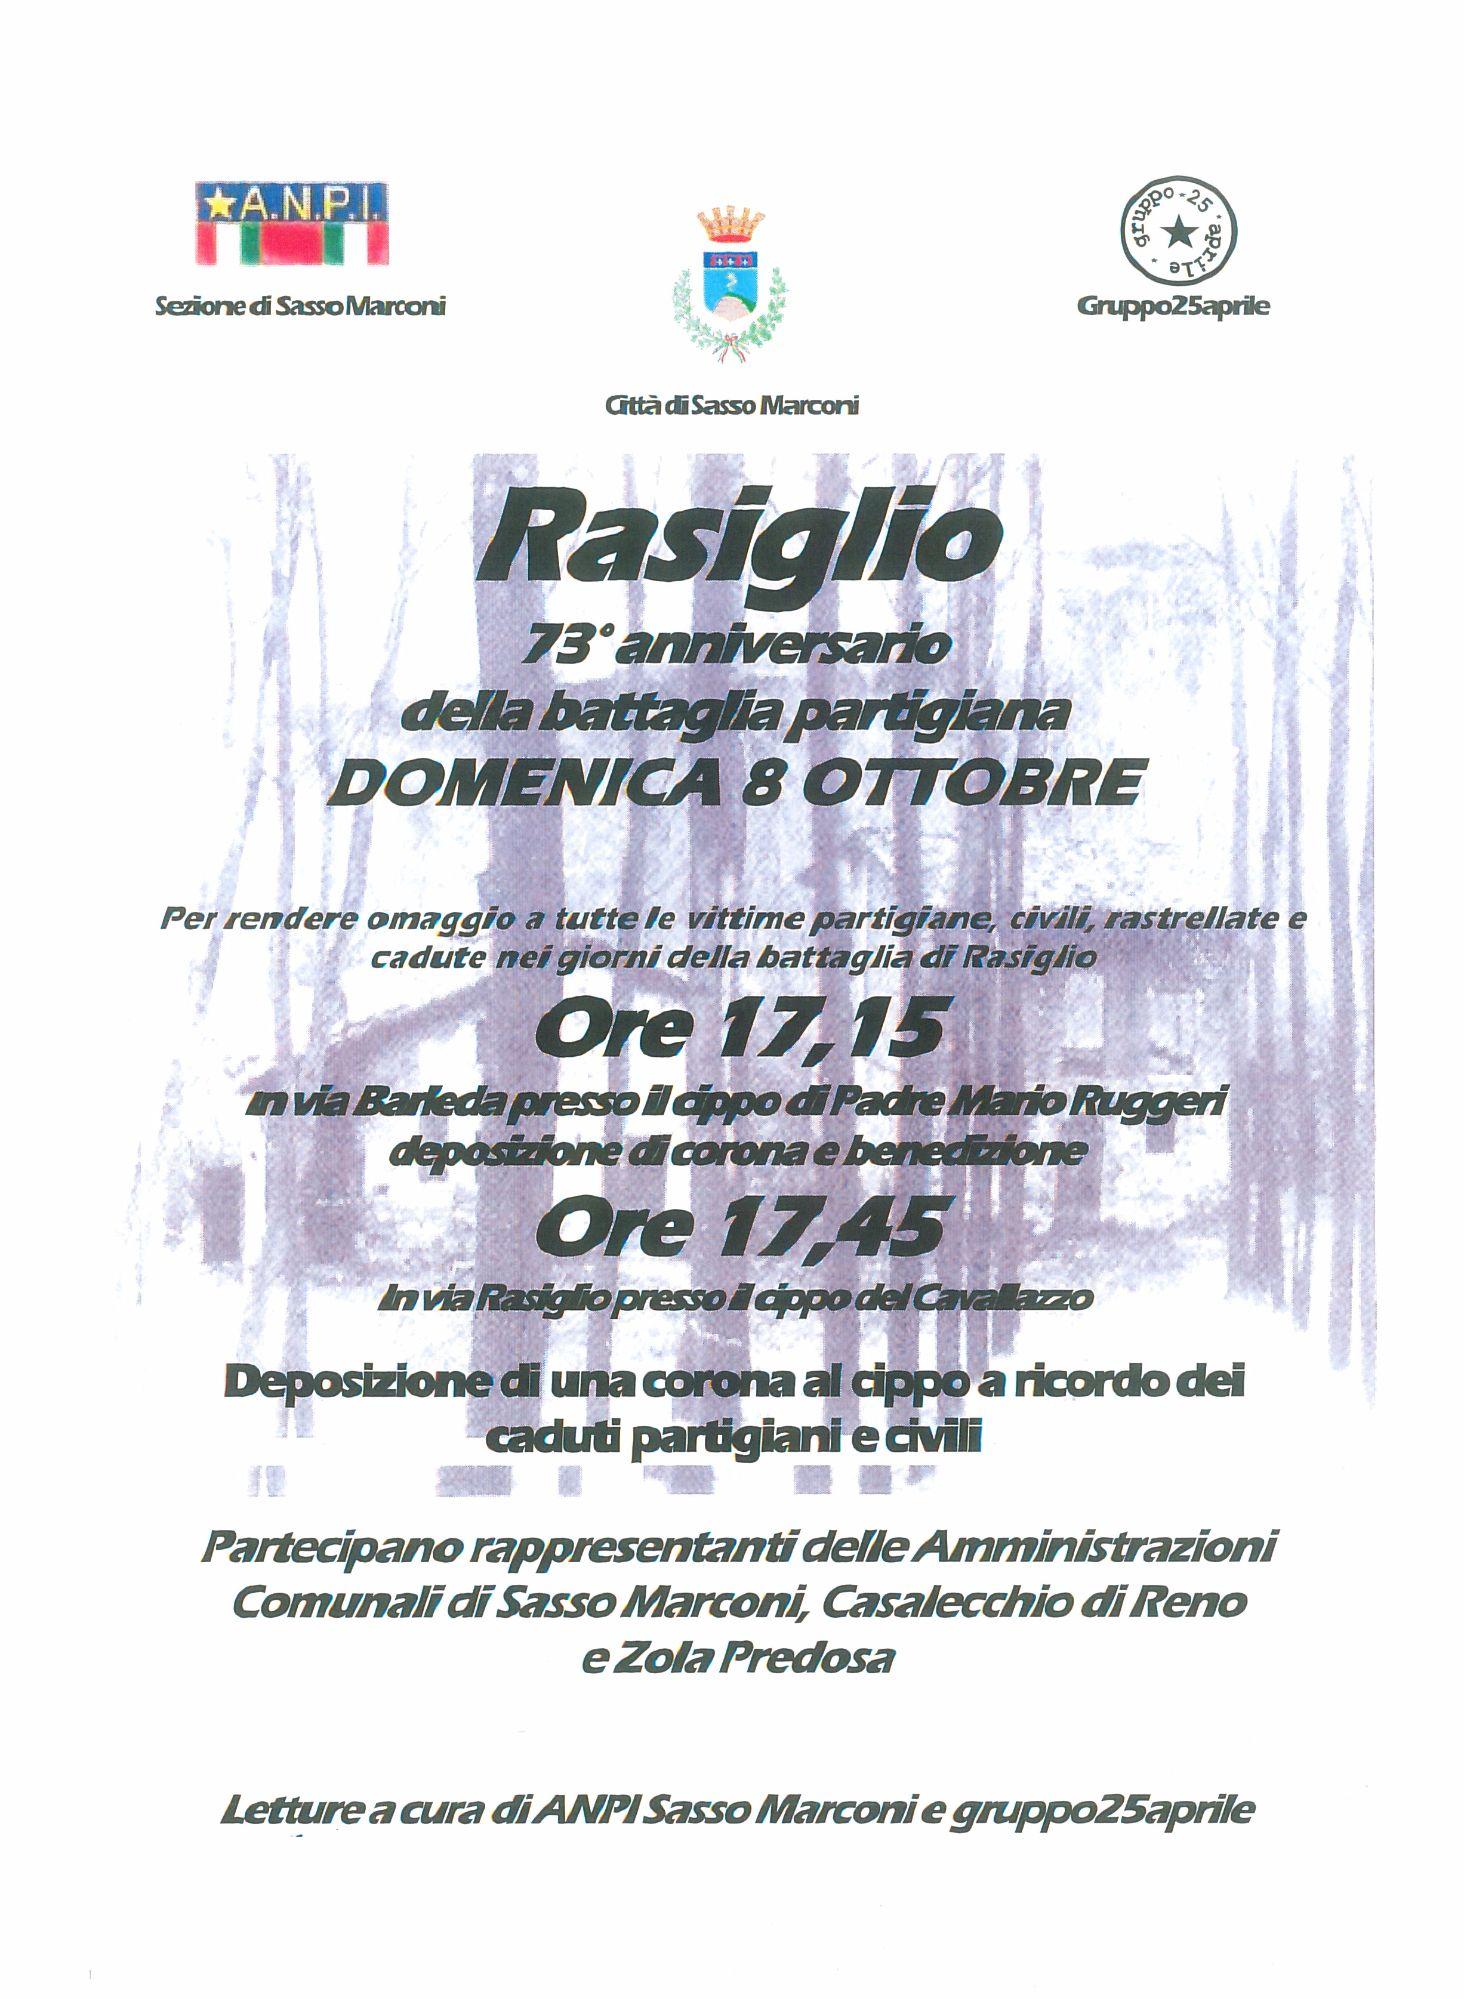 73° ANNIVERSARIO BATTAGLIA DI RASIGLIO - Domenica 8 ottobre